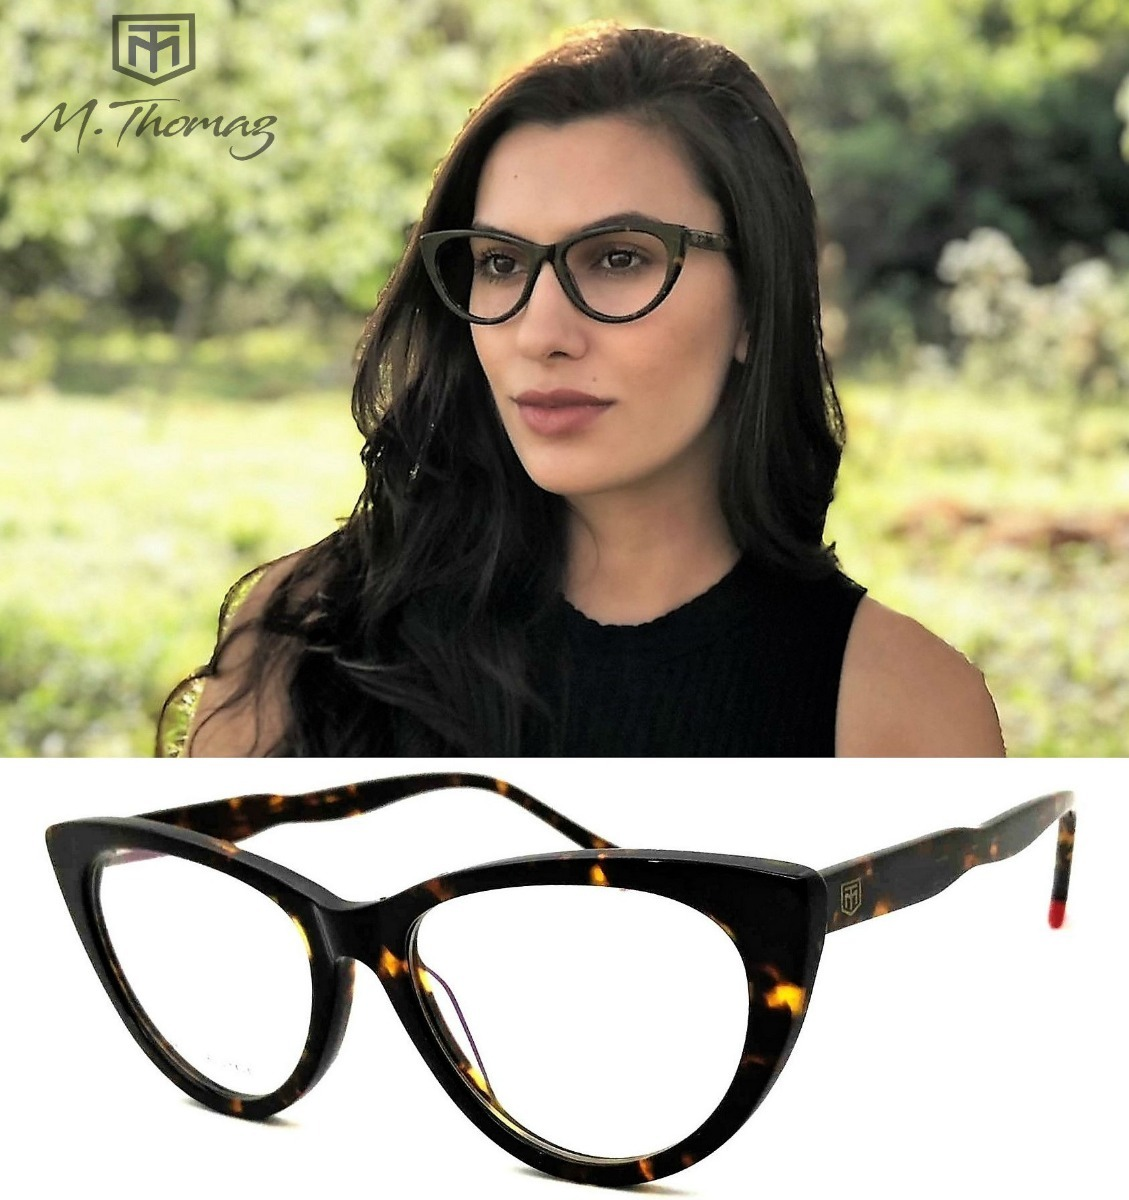 armação oculos grau feminino gatinho m.thomaz mt34 original. Carregando  zoom. 2e1654e09f